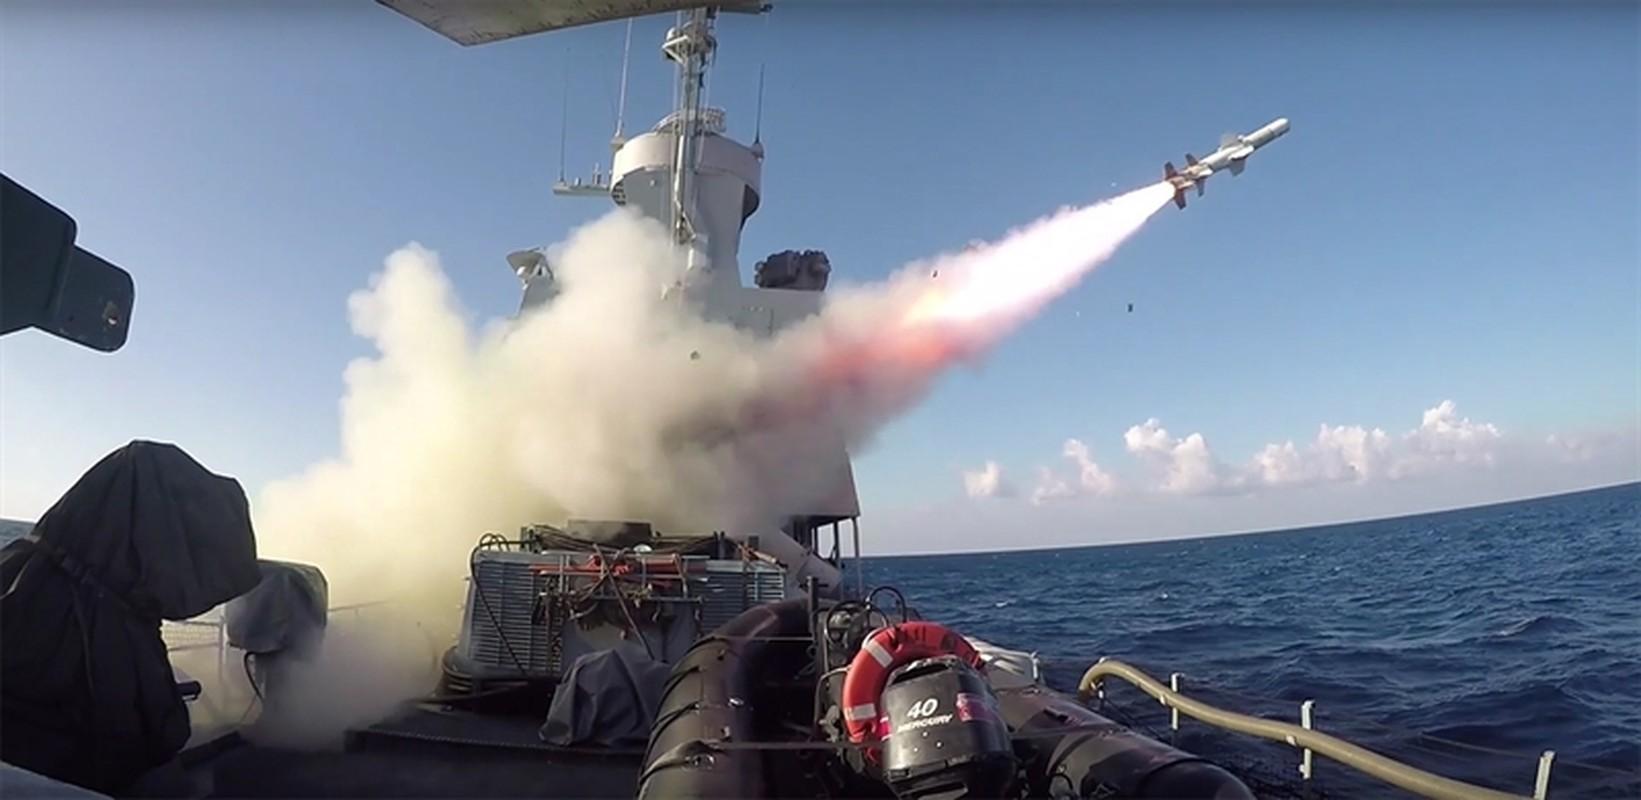 Hai quan Israel cung tau chien Sa'ar-5 san sang tinh huong bi Hezbollah tan cong-Hinh-3